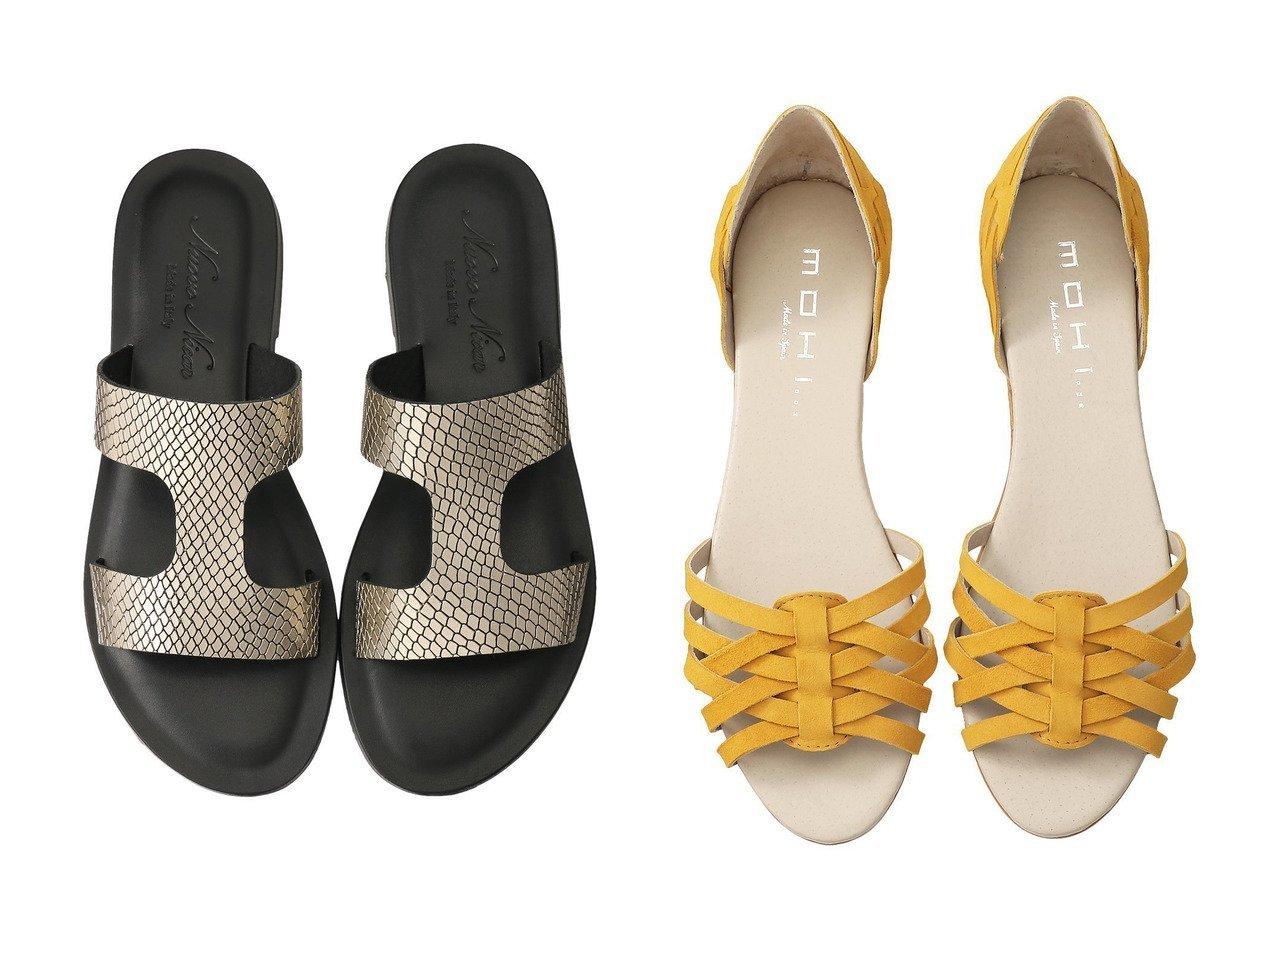 【heliopole/エリオポール】の【MOHI】スエードメッシュサンダル&【1er Arrondissement/プルミエ アロンディスモン】の【Nuovo Nicar】フラットサンダル 【シューズ・靴】おすすめ!人気、トレンド・レディースファッションの通販 おすすめで人気の流行・トレンド、ファッションの通販商品 インテリア・家具・メンズファッション・キッズファッション・レディースファッション・服の通販 founy(ファニー) https://founy.com/ ファッション Fashion レディースファッション WOMEN おすすめ Recommend なめらか ガーリー サンダル スポーティ ソックス フラット マニッシュ S/S・春夏 SS・Spring/Summer シューズ ジュート スエード スマート フェミニン フォルム メッシュ 夏 Summer 春 Spring  ID:crp329100000062638